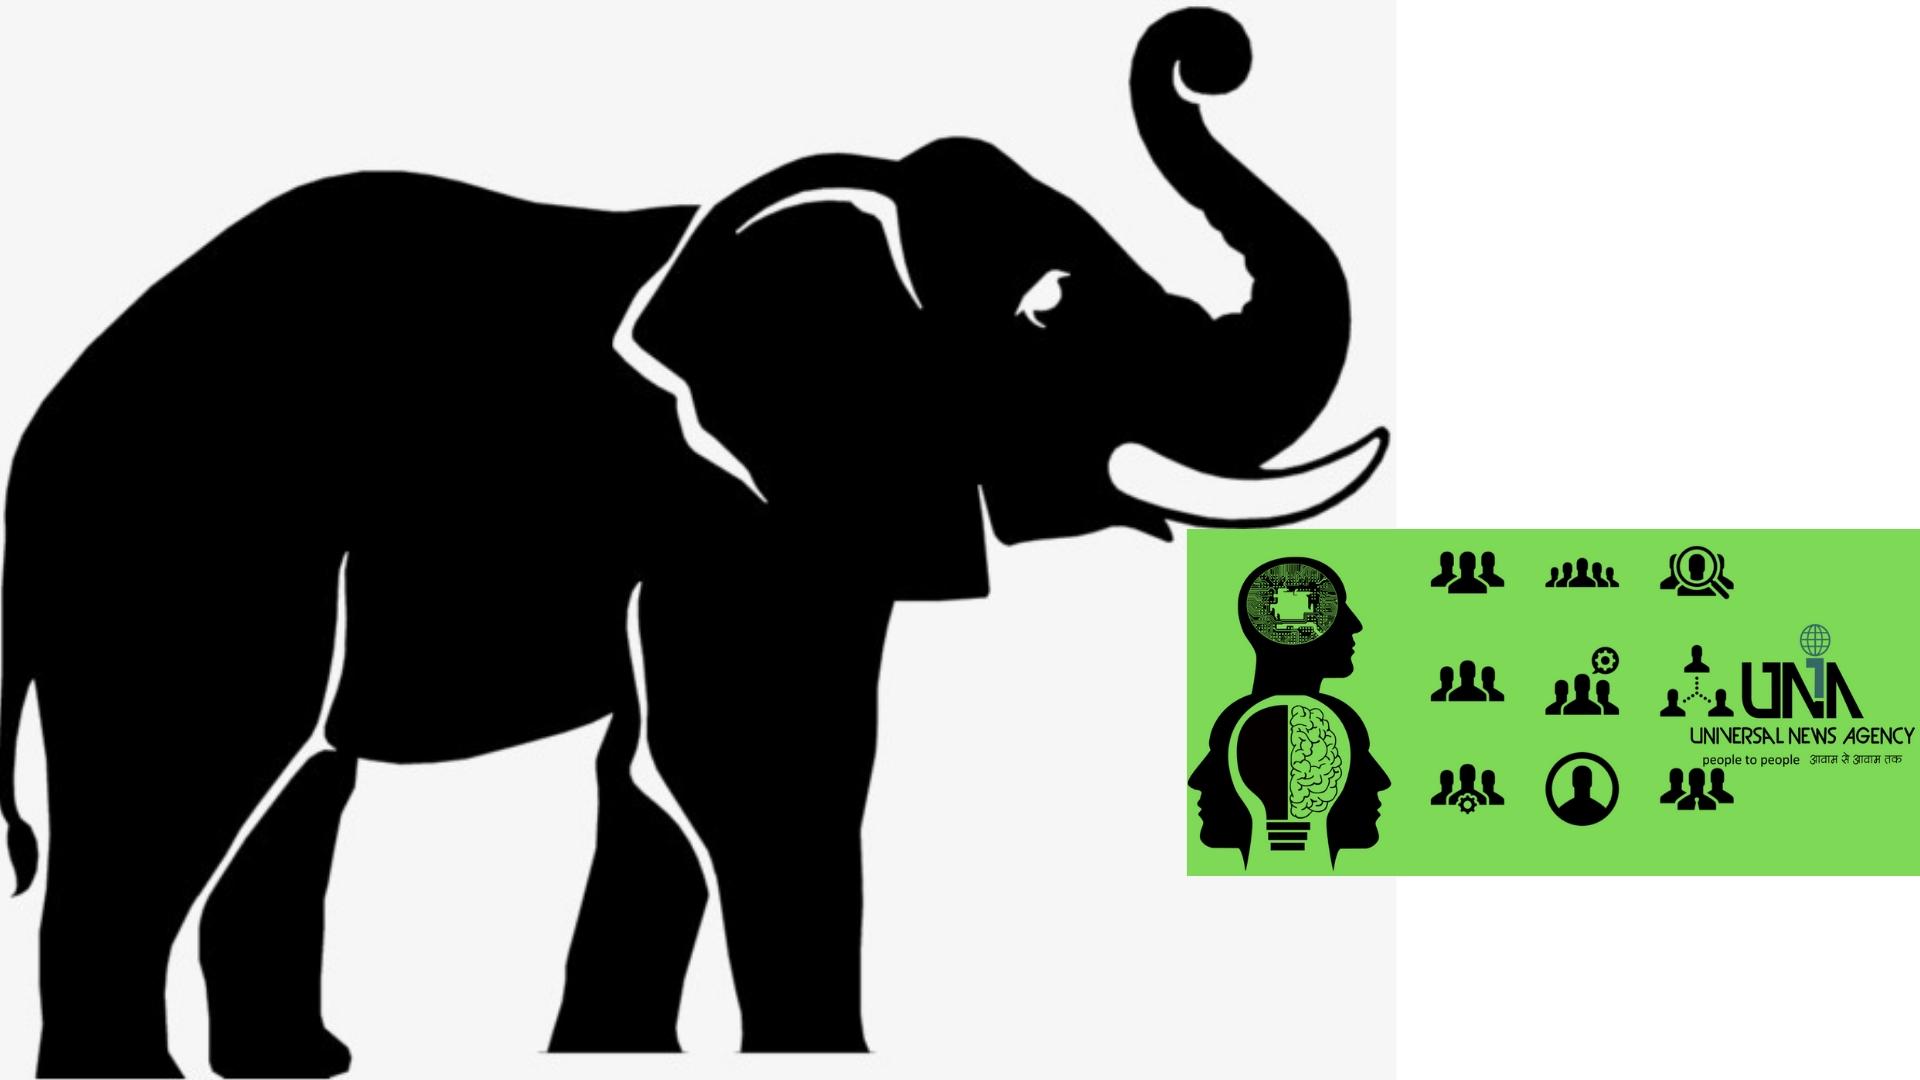 हाथी बने सतर्कता संदेश के वाहक, सतर्कता फैलाने निकला रथ